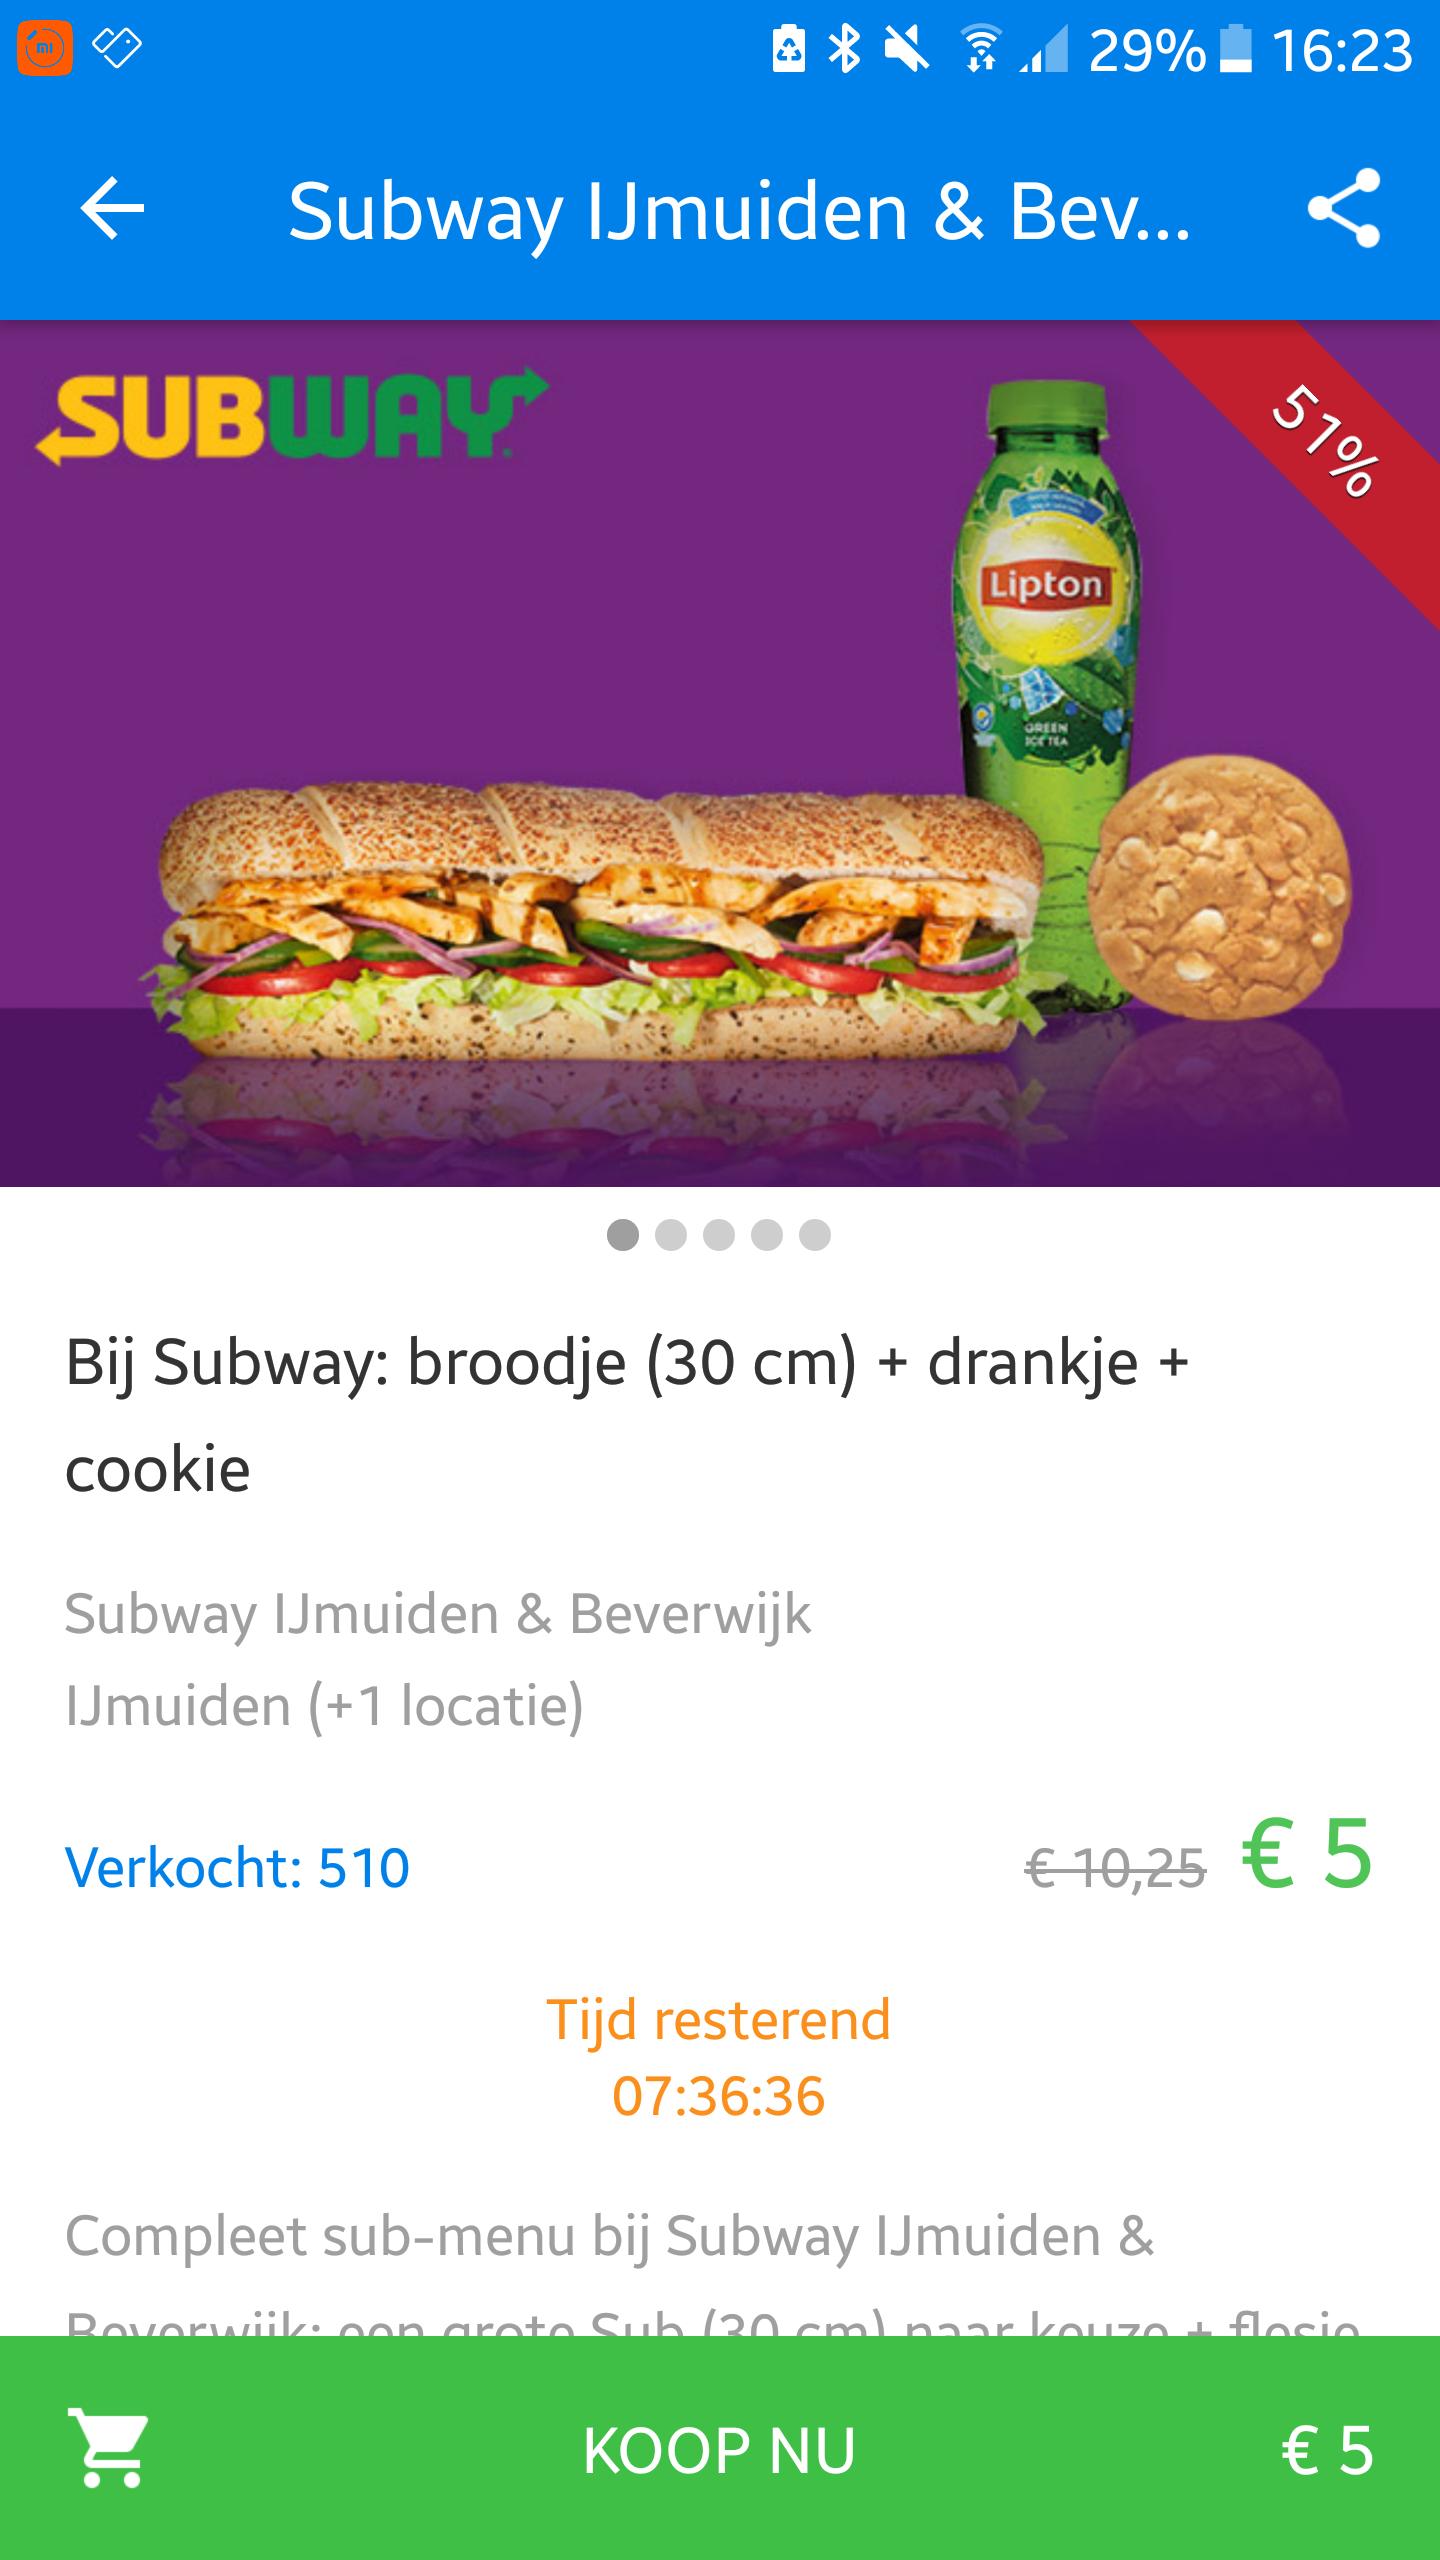 Broodje (30cm) + drankje + cookie voor €5 @subway Beverwijk en IJmuiden.